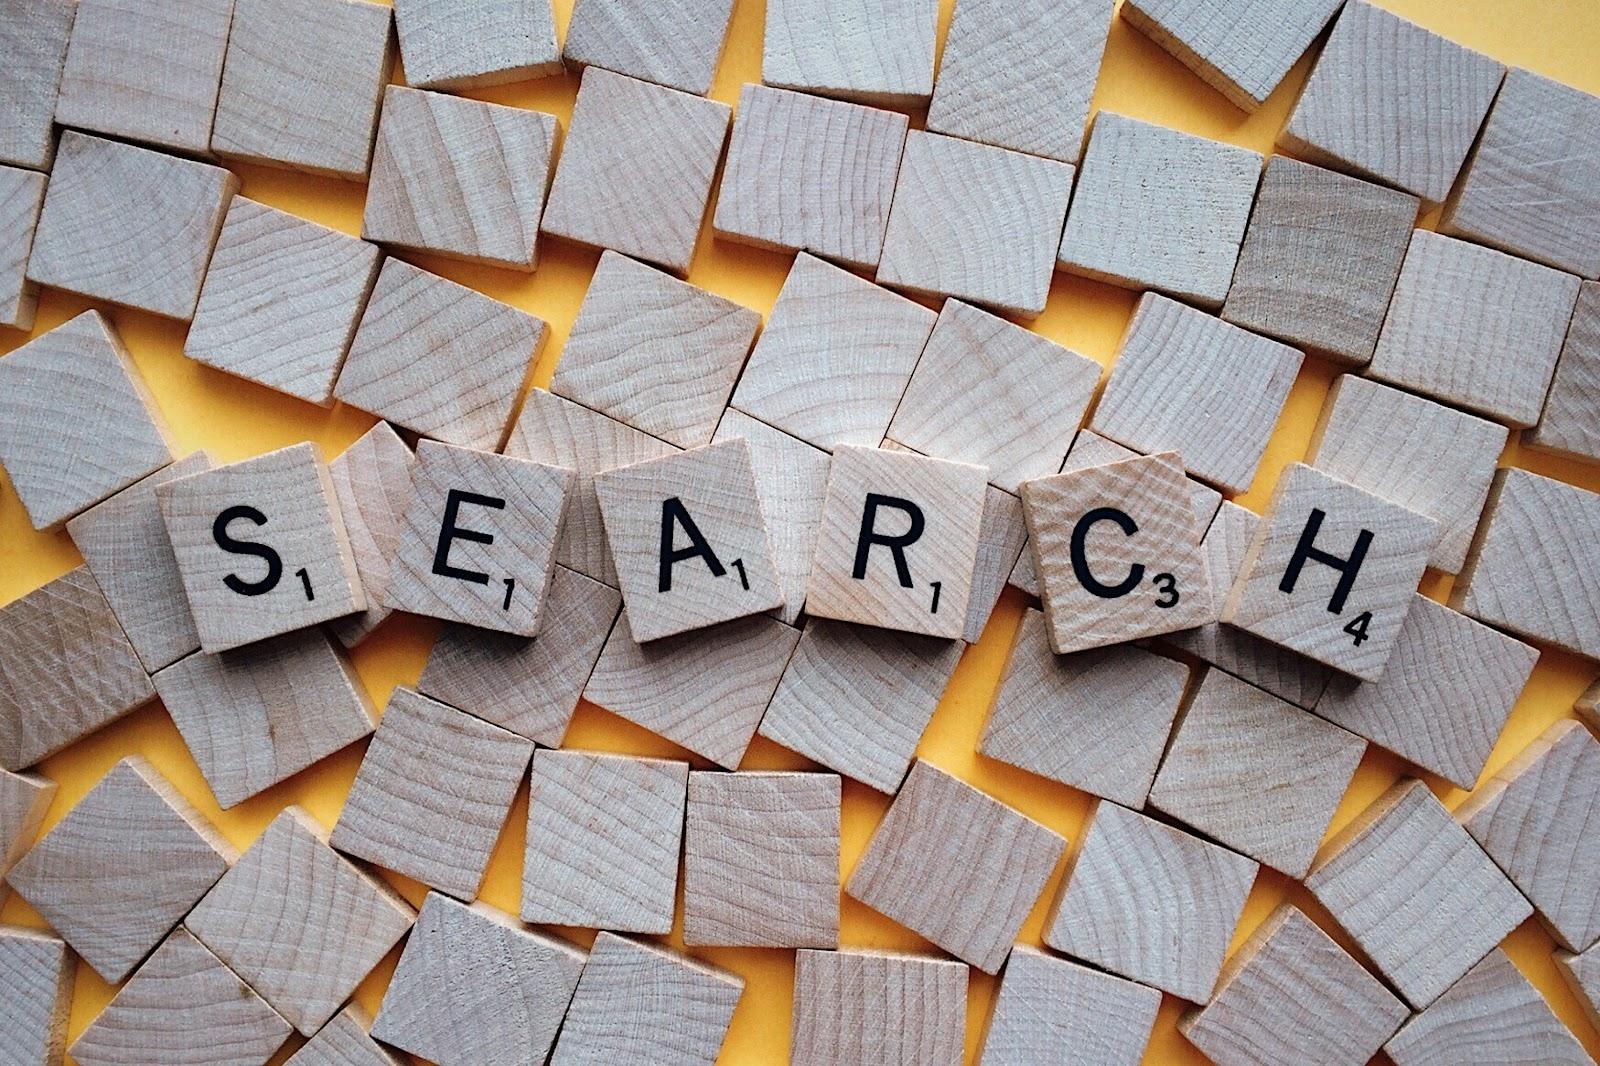 search scrabble